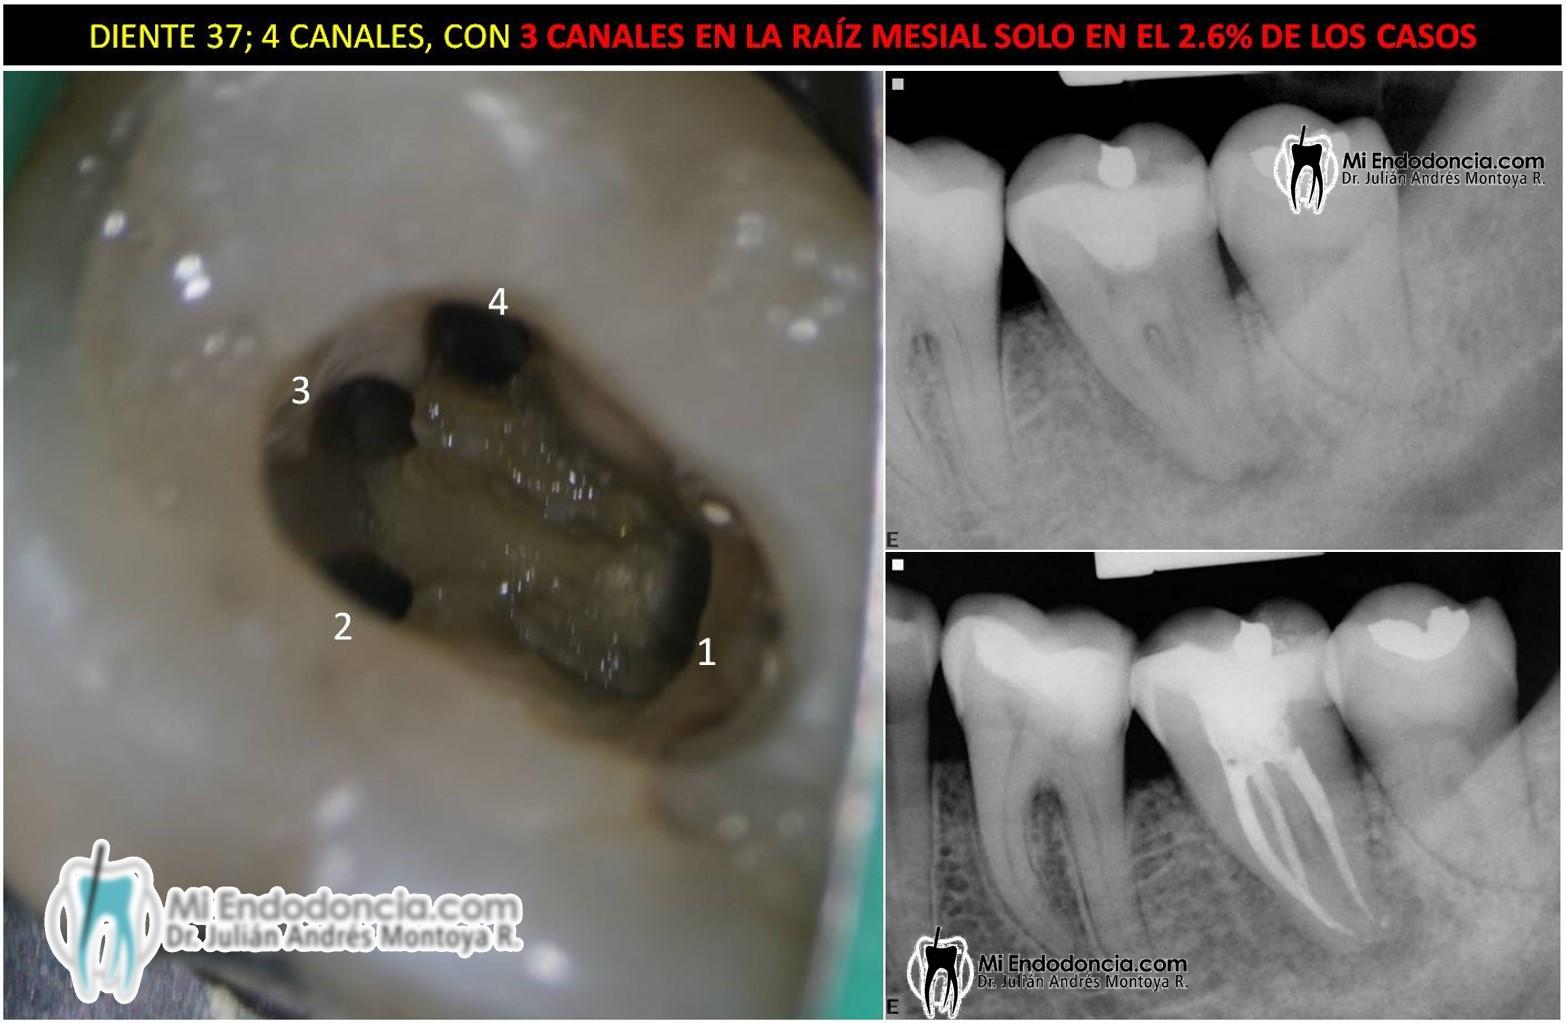 Mi Endodoncia | Segundo molar inferior con cuatro canales, pero tres ...